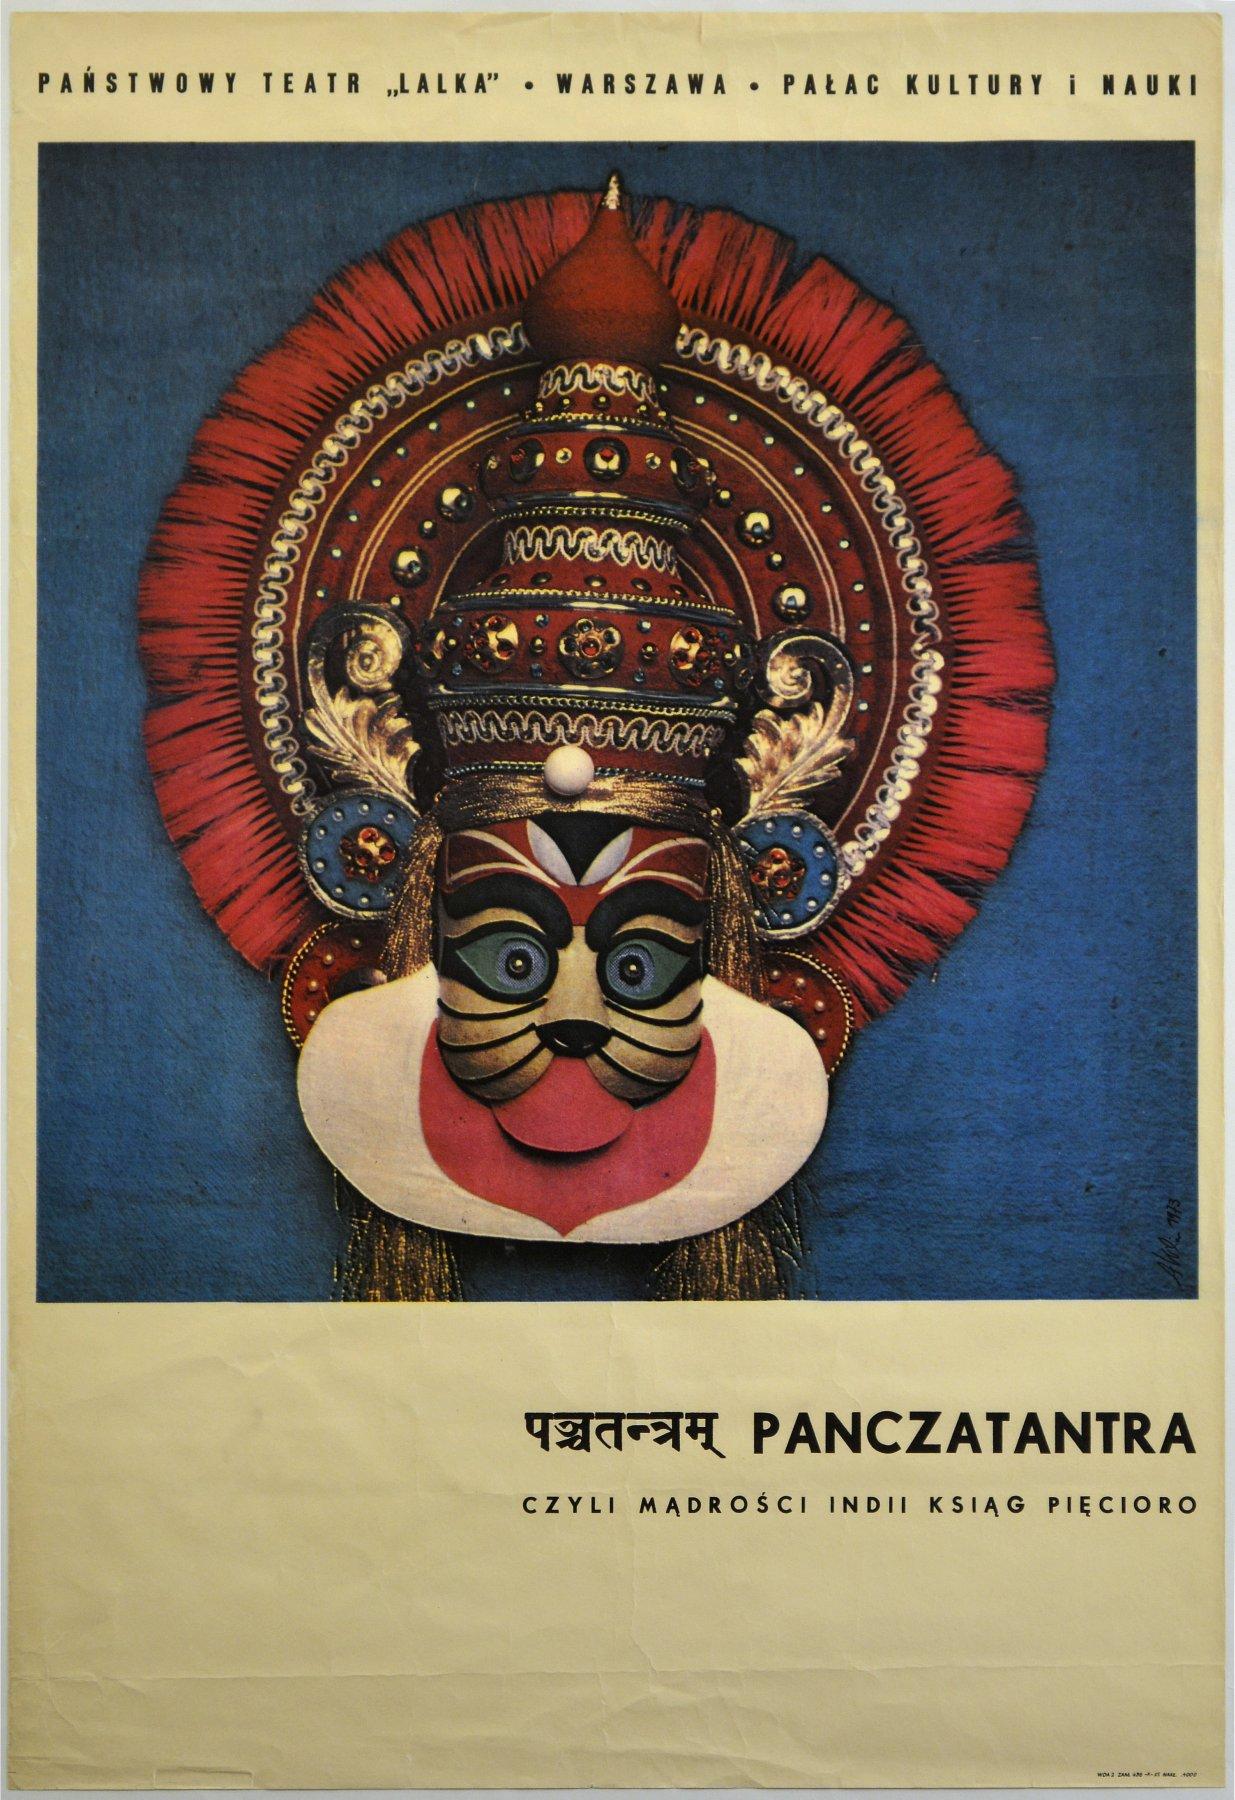 Panczatantra czyli Mądrość Indii Ksiąg Pięcioro, 1973 r.